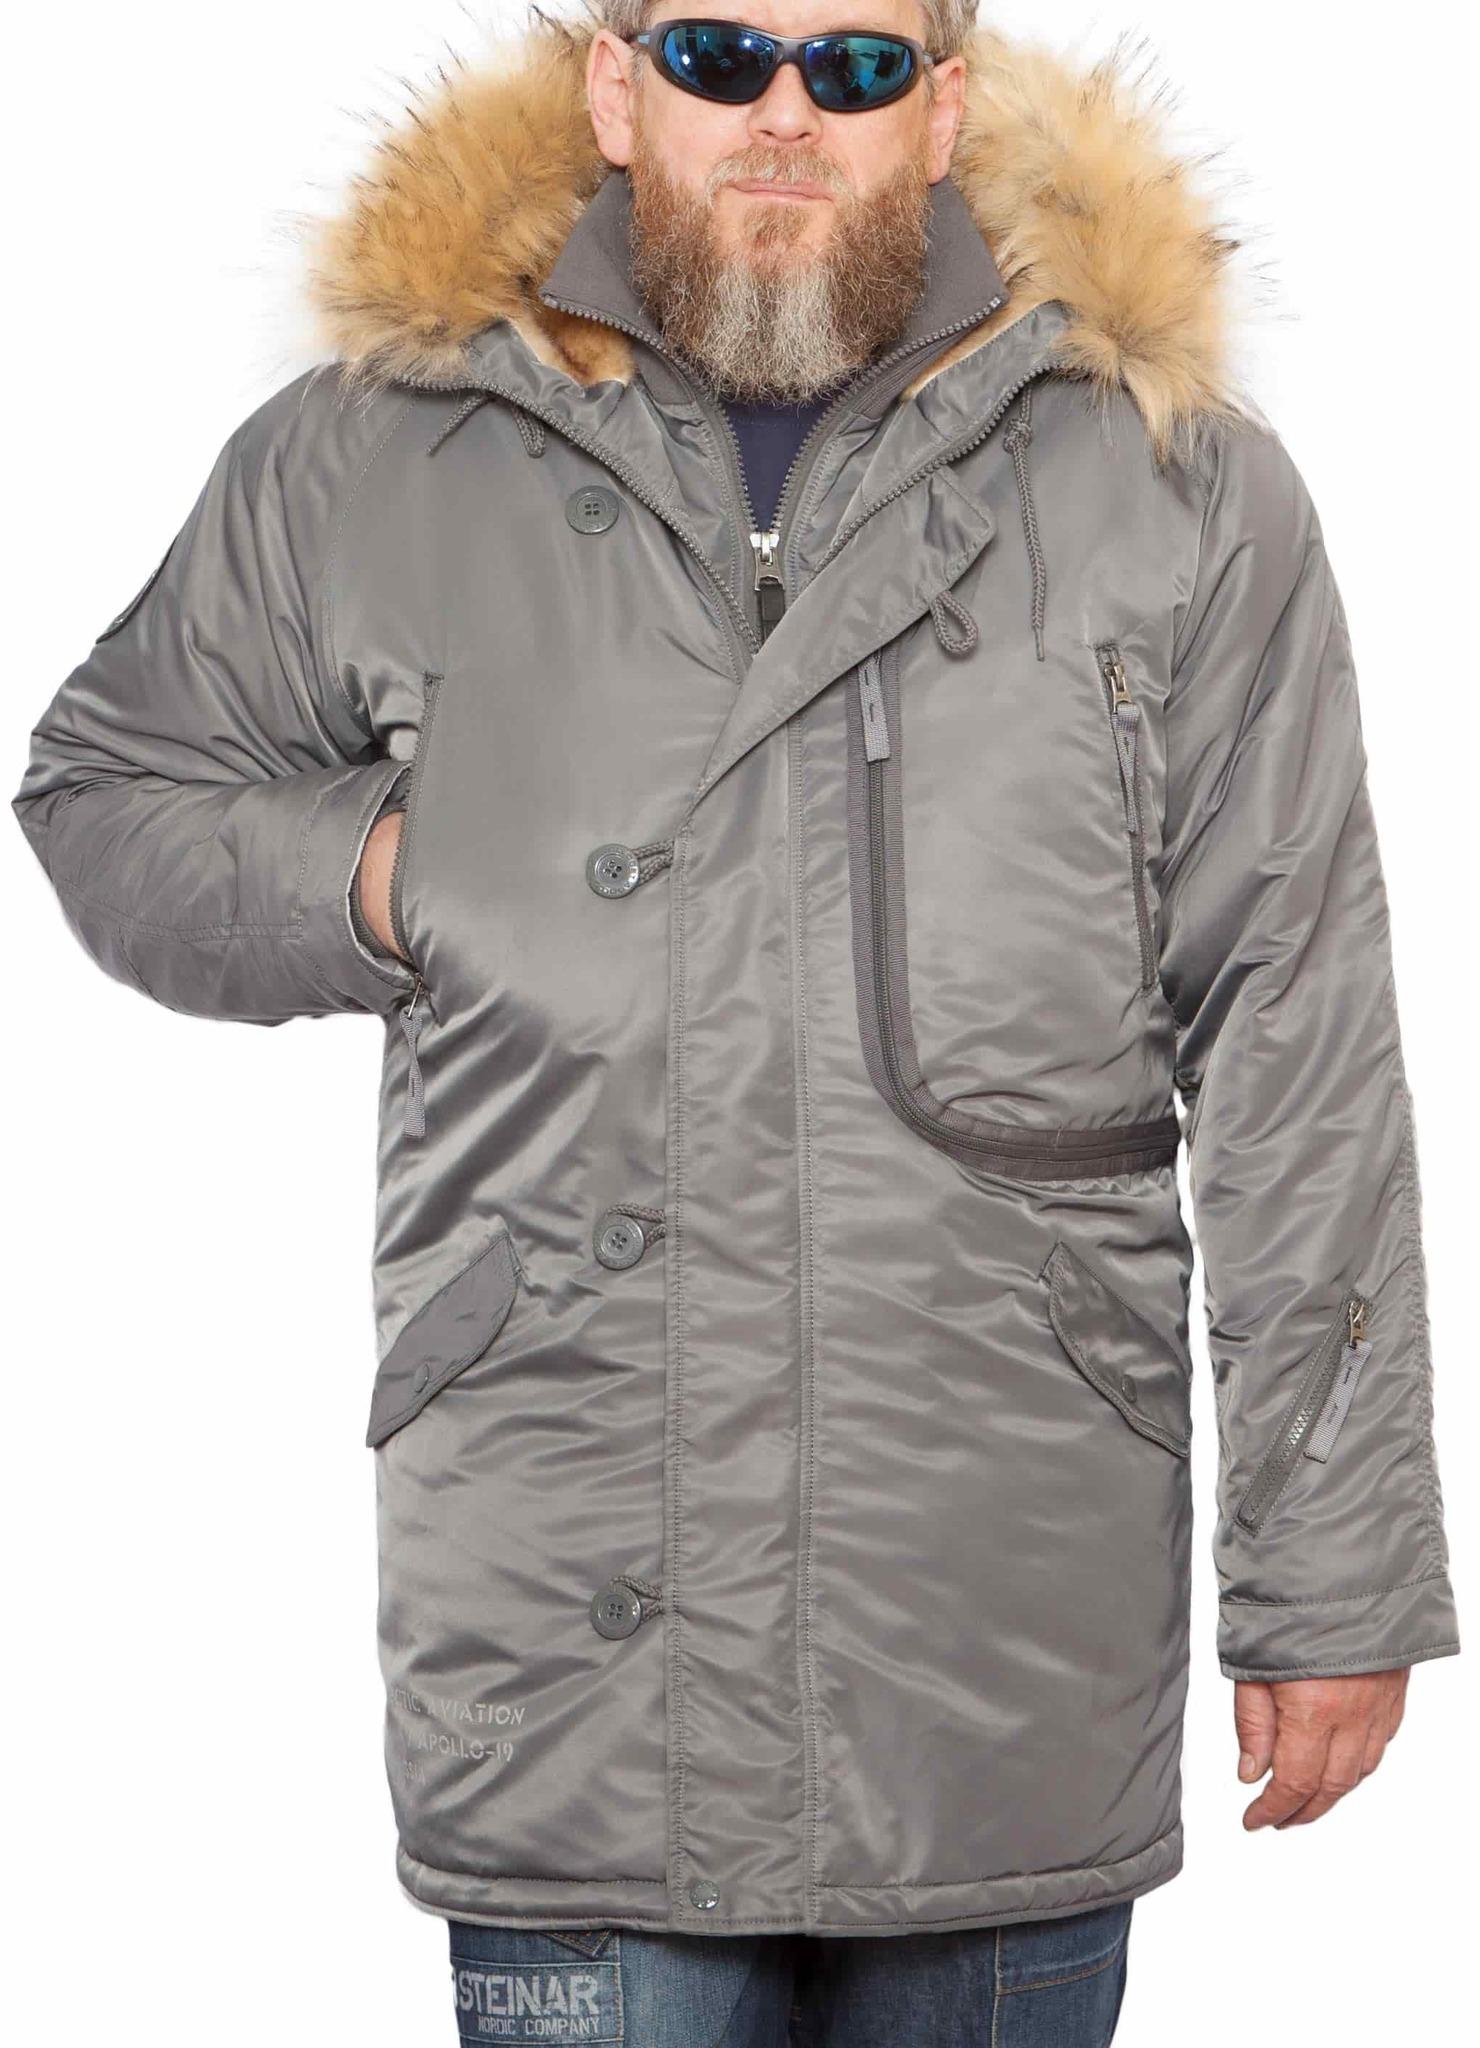 Куртка Аляска  Apolloget Expedition 2020 (оруж. серый - gun gray)